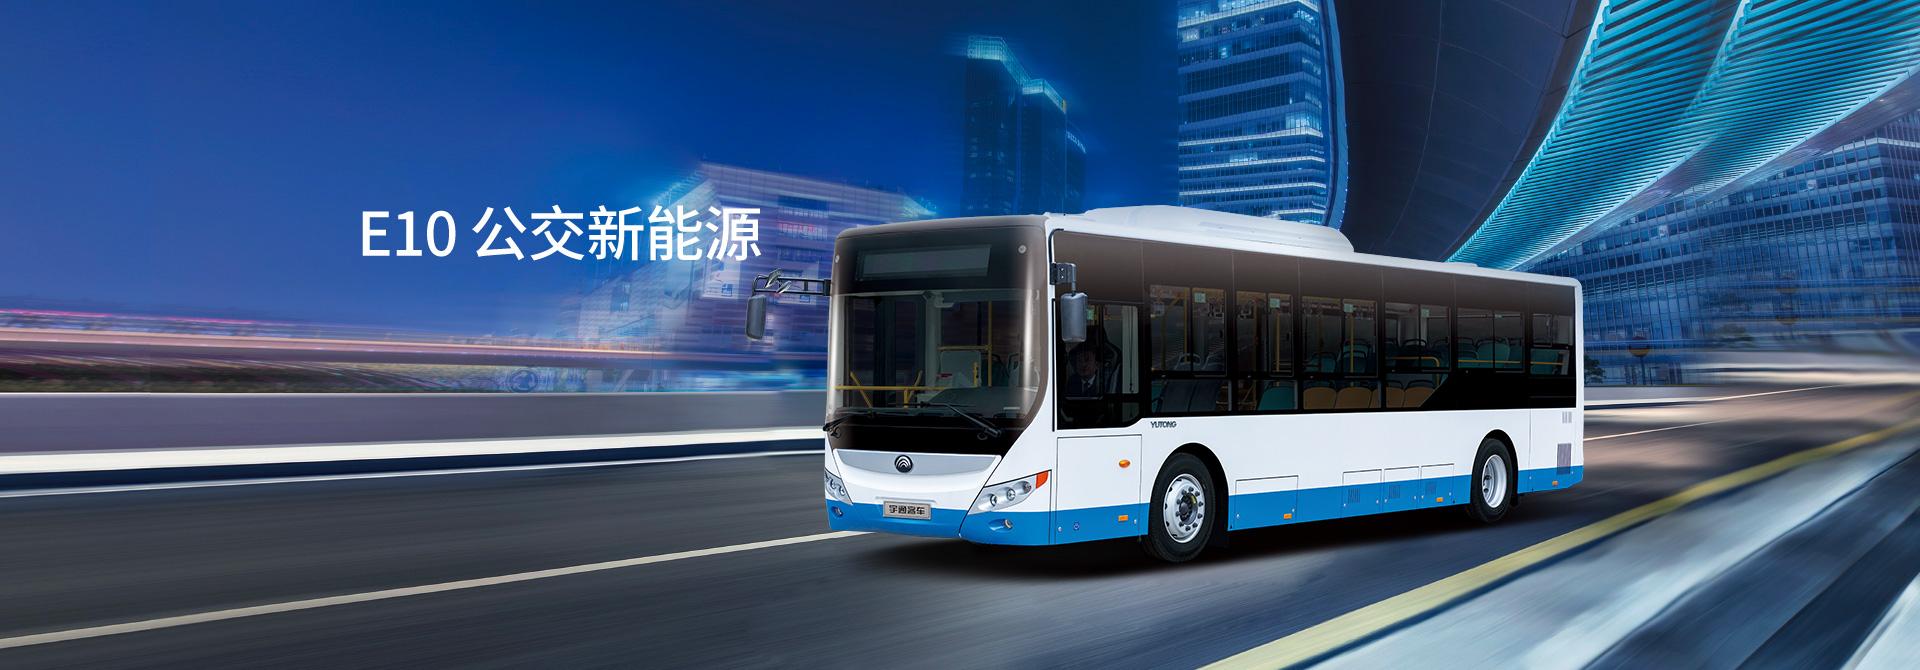 E10公交